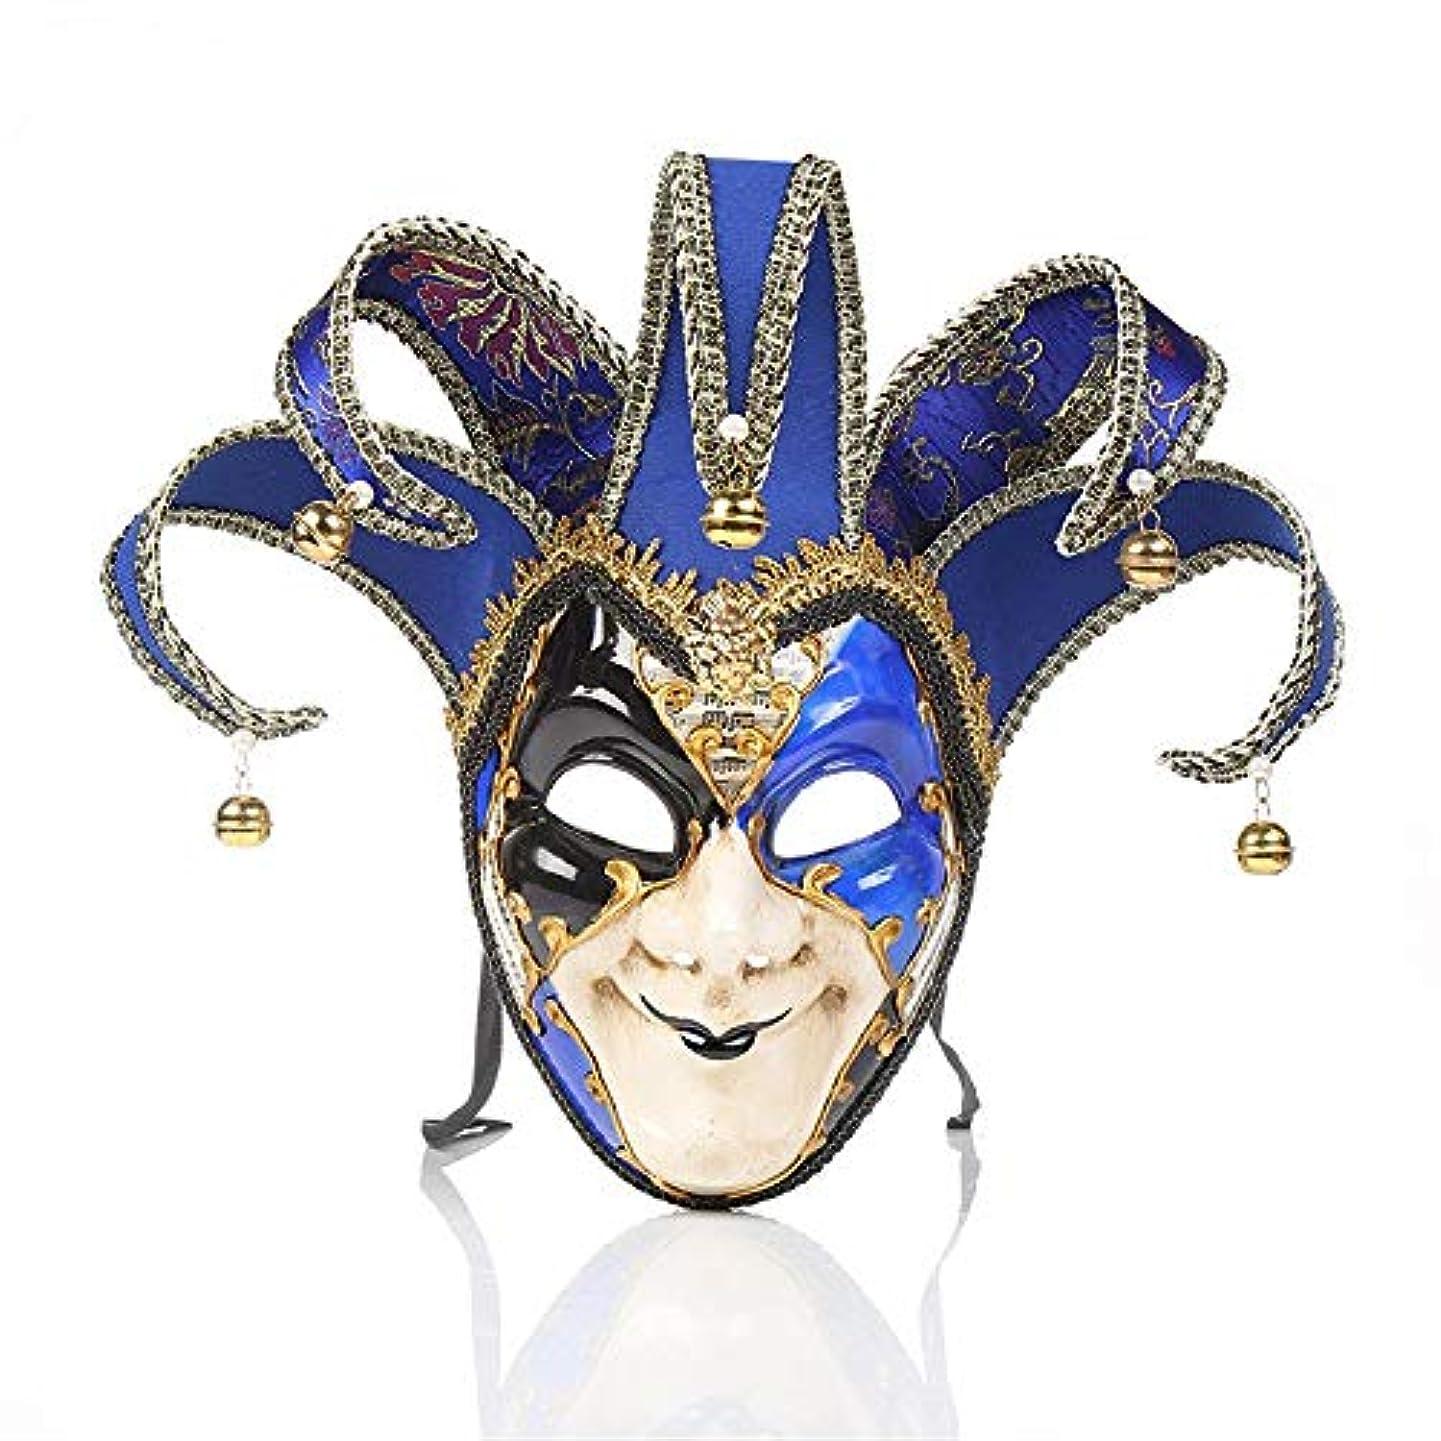 暴動有益エンドテーブルダンスマスク ピエロマスクハロウィーンパフォーマンスパフォーマンス仮面舞踏会雰囲気用品祭りロールプレイングプラスチックマスク ホリデーパーティー用品 (色 : 青, サイズ : 39x33cm)